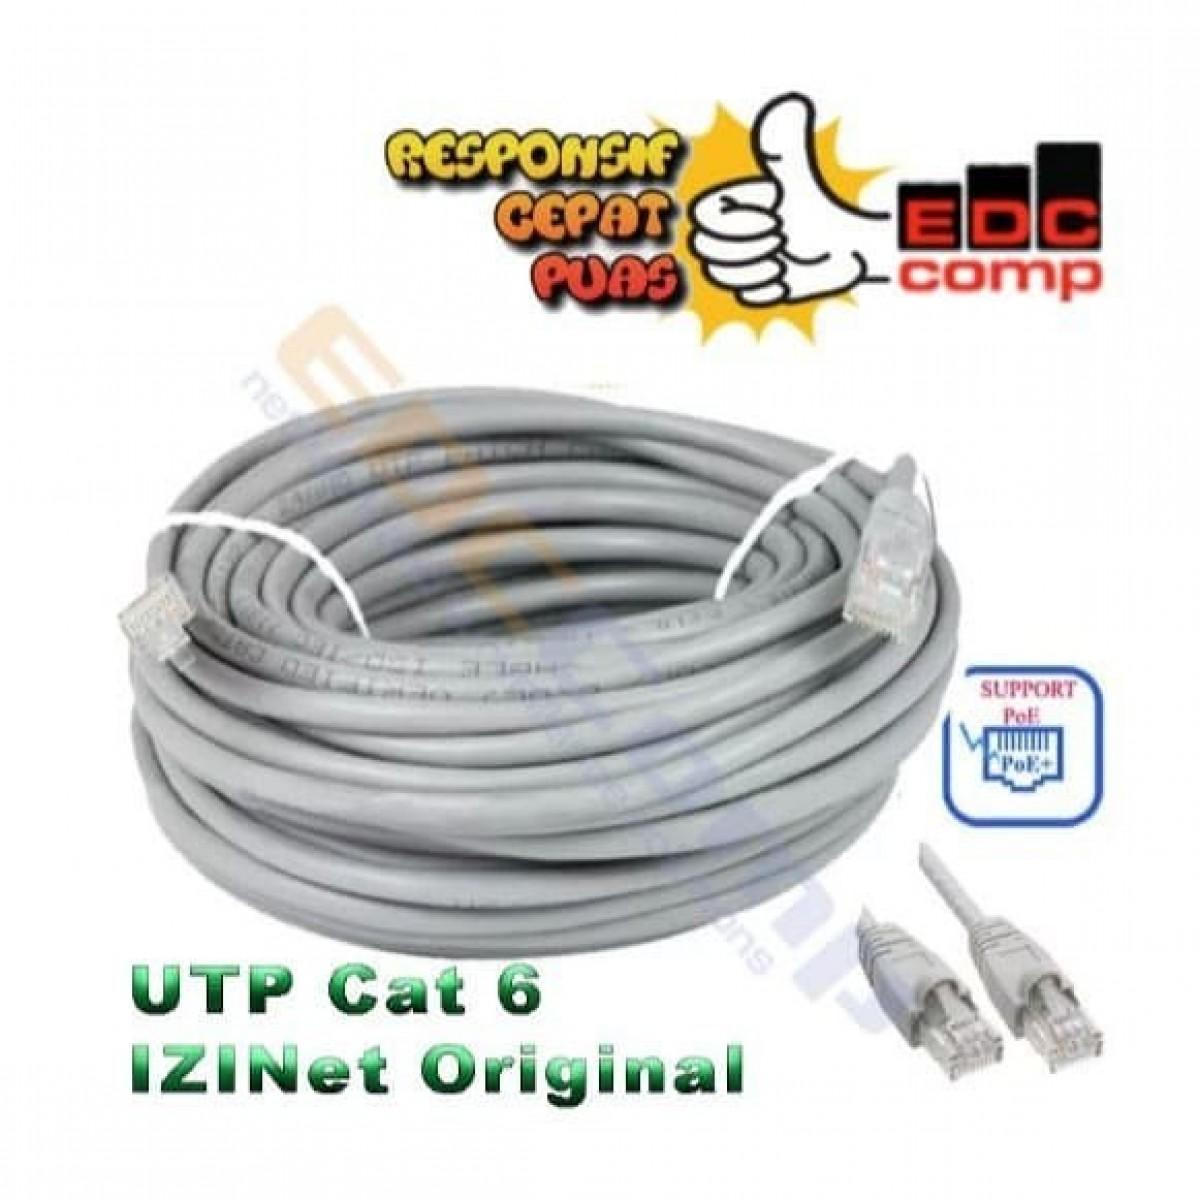 Kabel IZINET UTP Cat6 / Cable Izinet Cat6 60 Meter - EdcComp